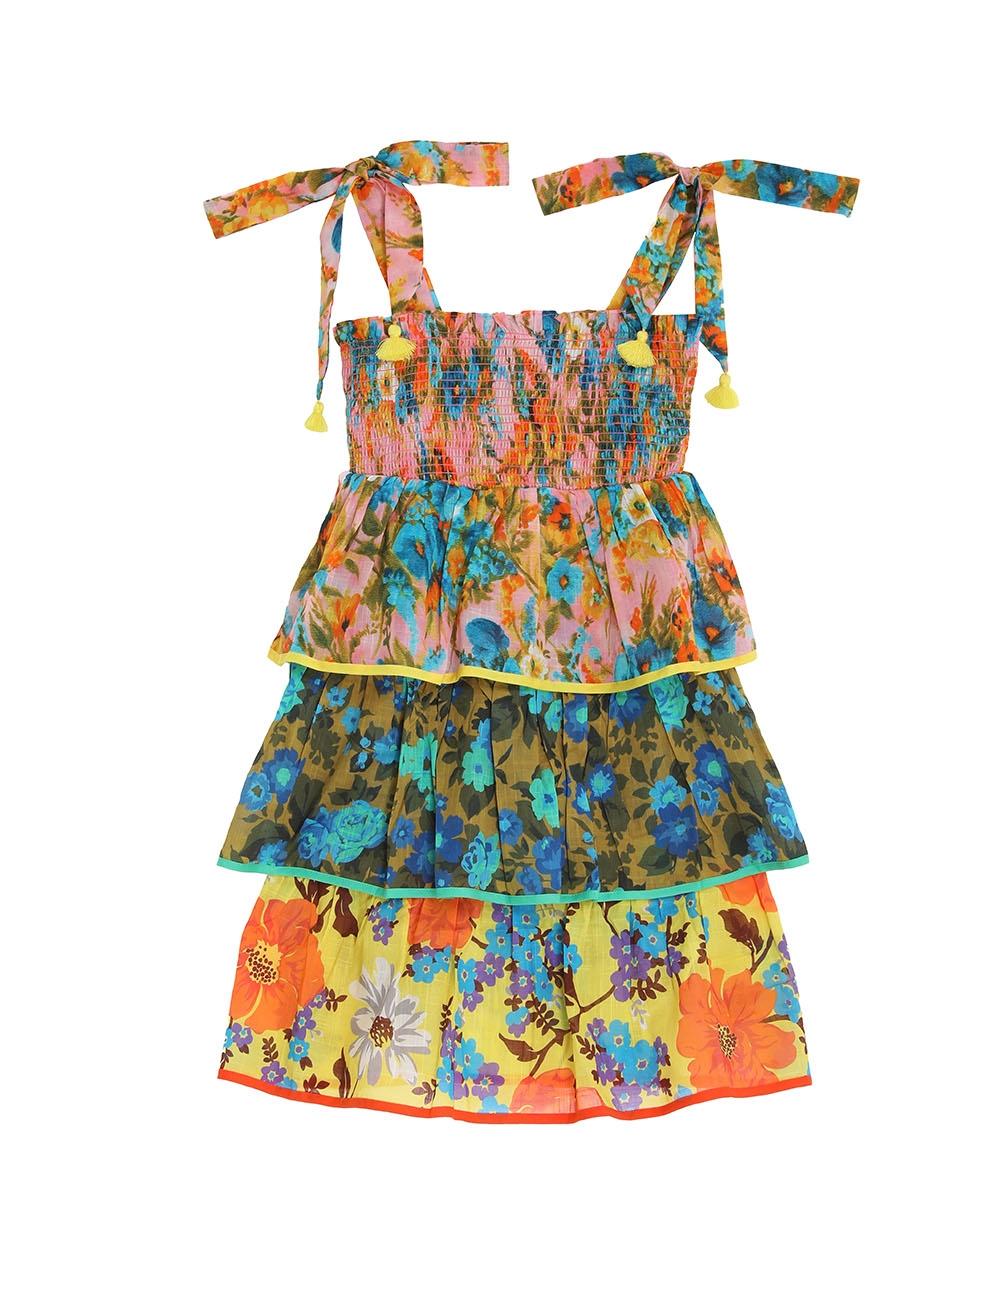 Estelle Shirred Tiered Dress